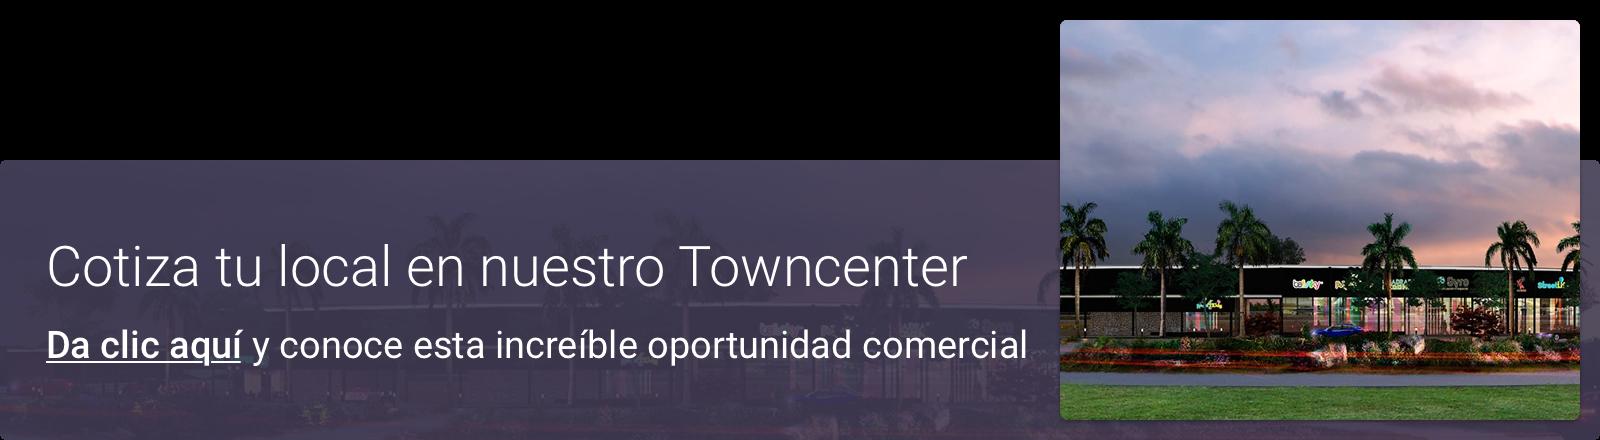 Cotiza tu local en nuestro Towncenter